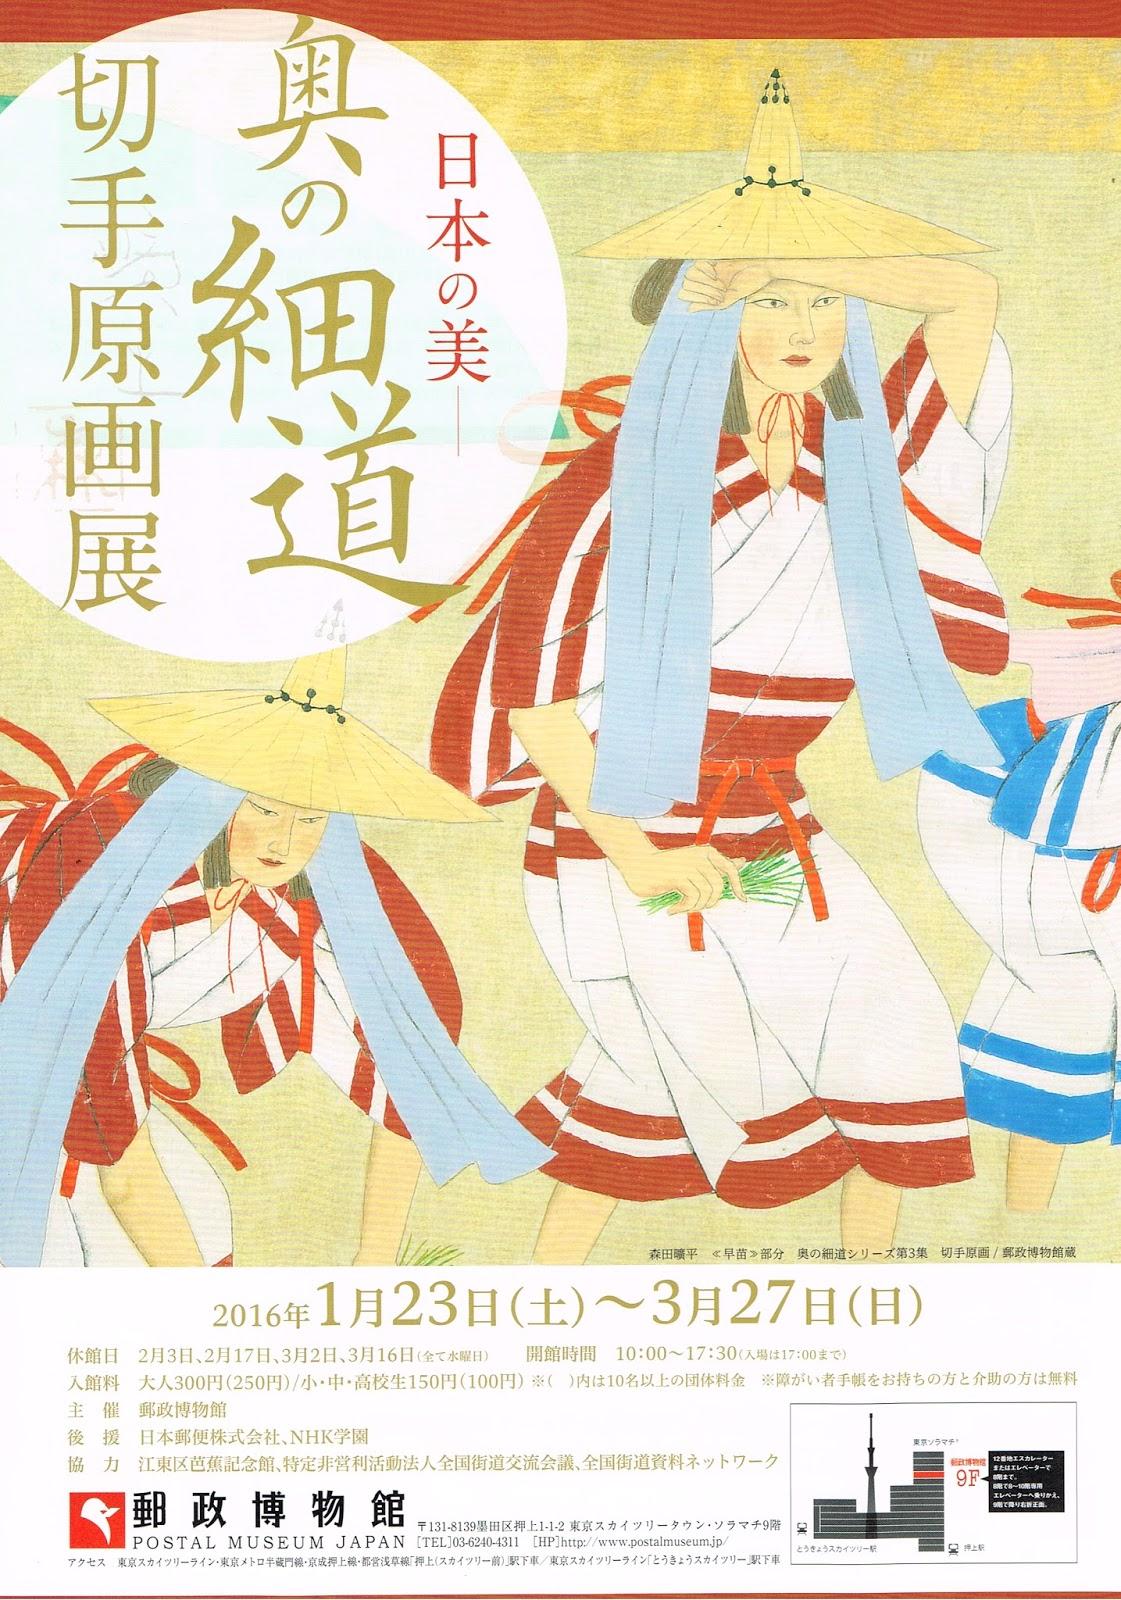 8月開催 東京の美術館・博物館イベント情報【Lets …